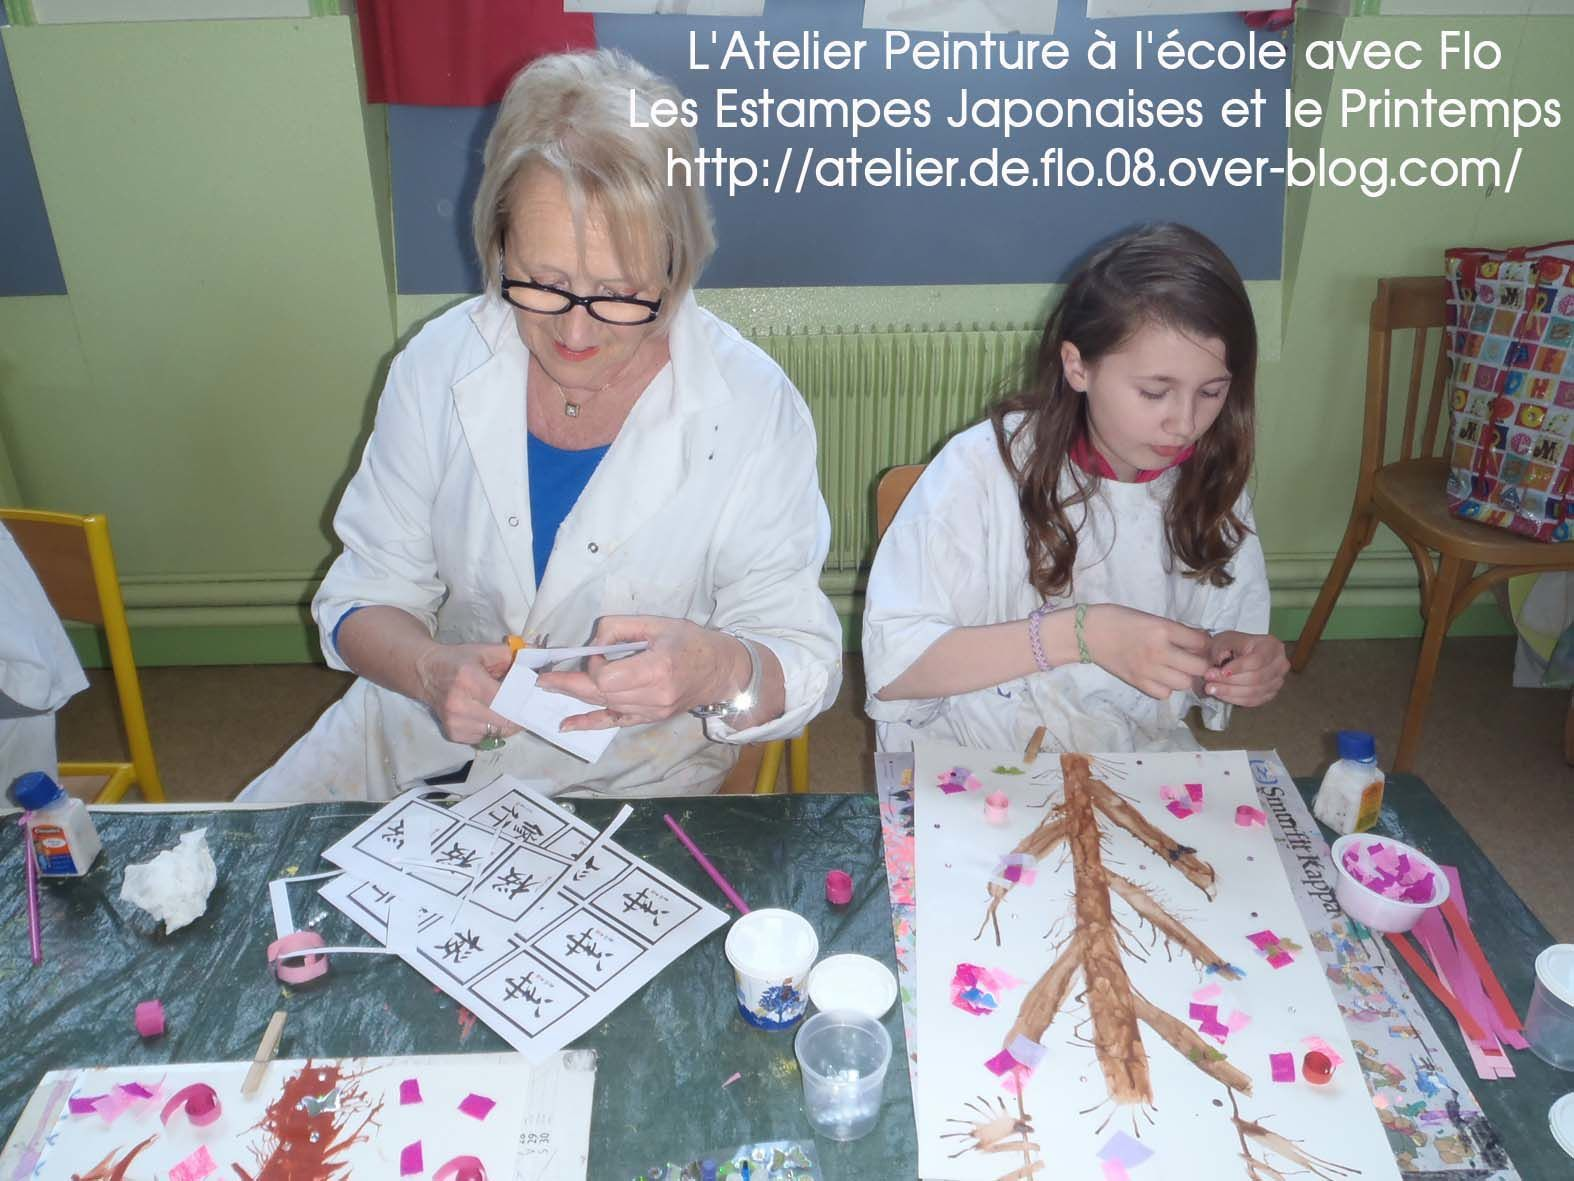 Après la peinture, on colle les pétales de fleurs. Merci encore à Josée pour son aide !